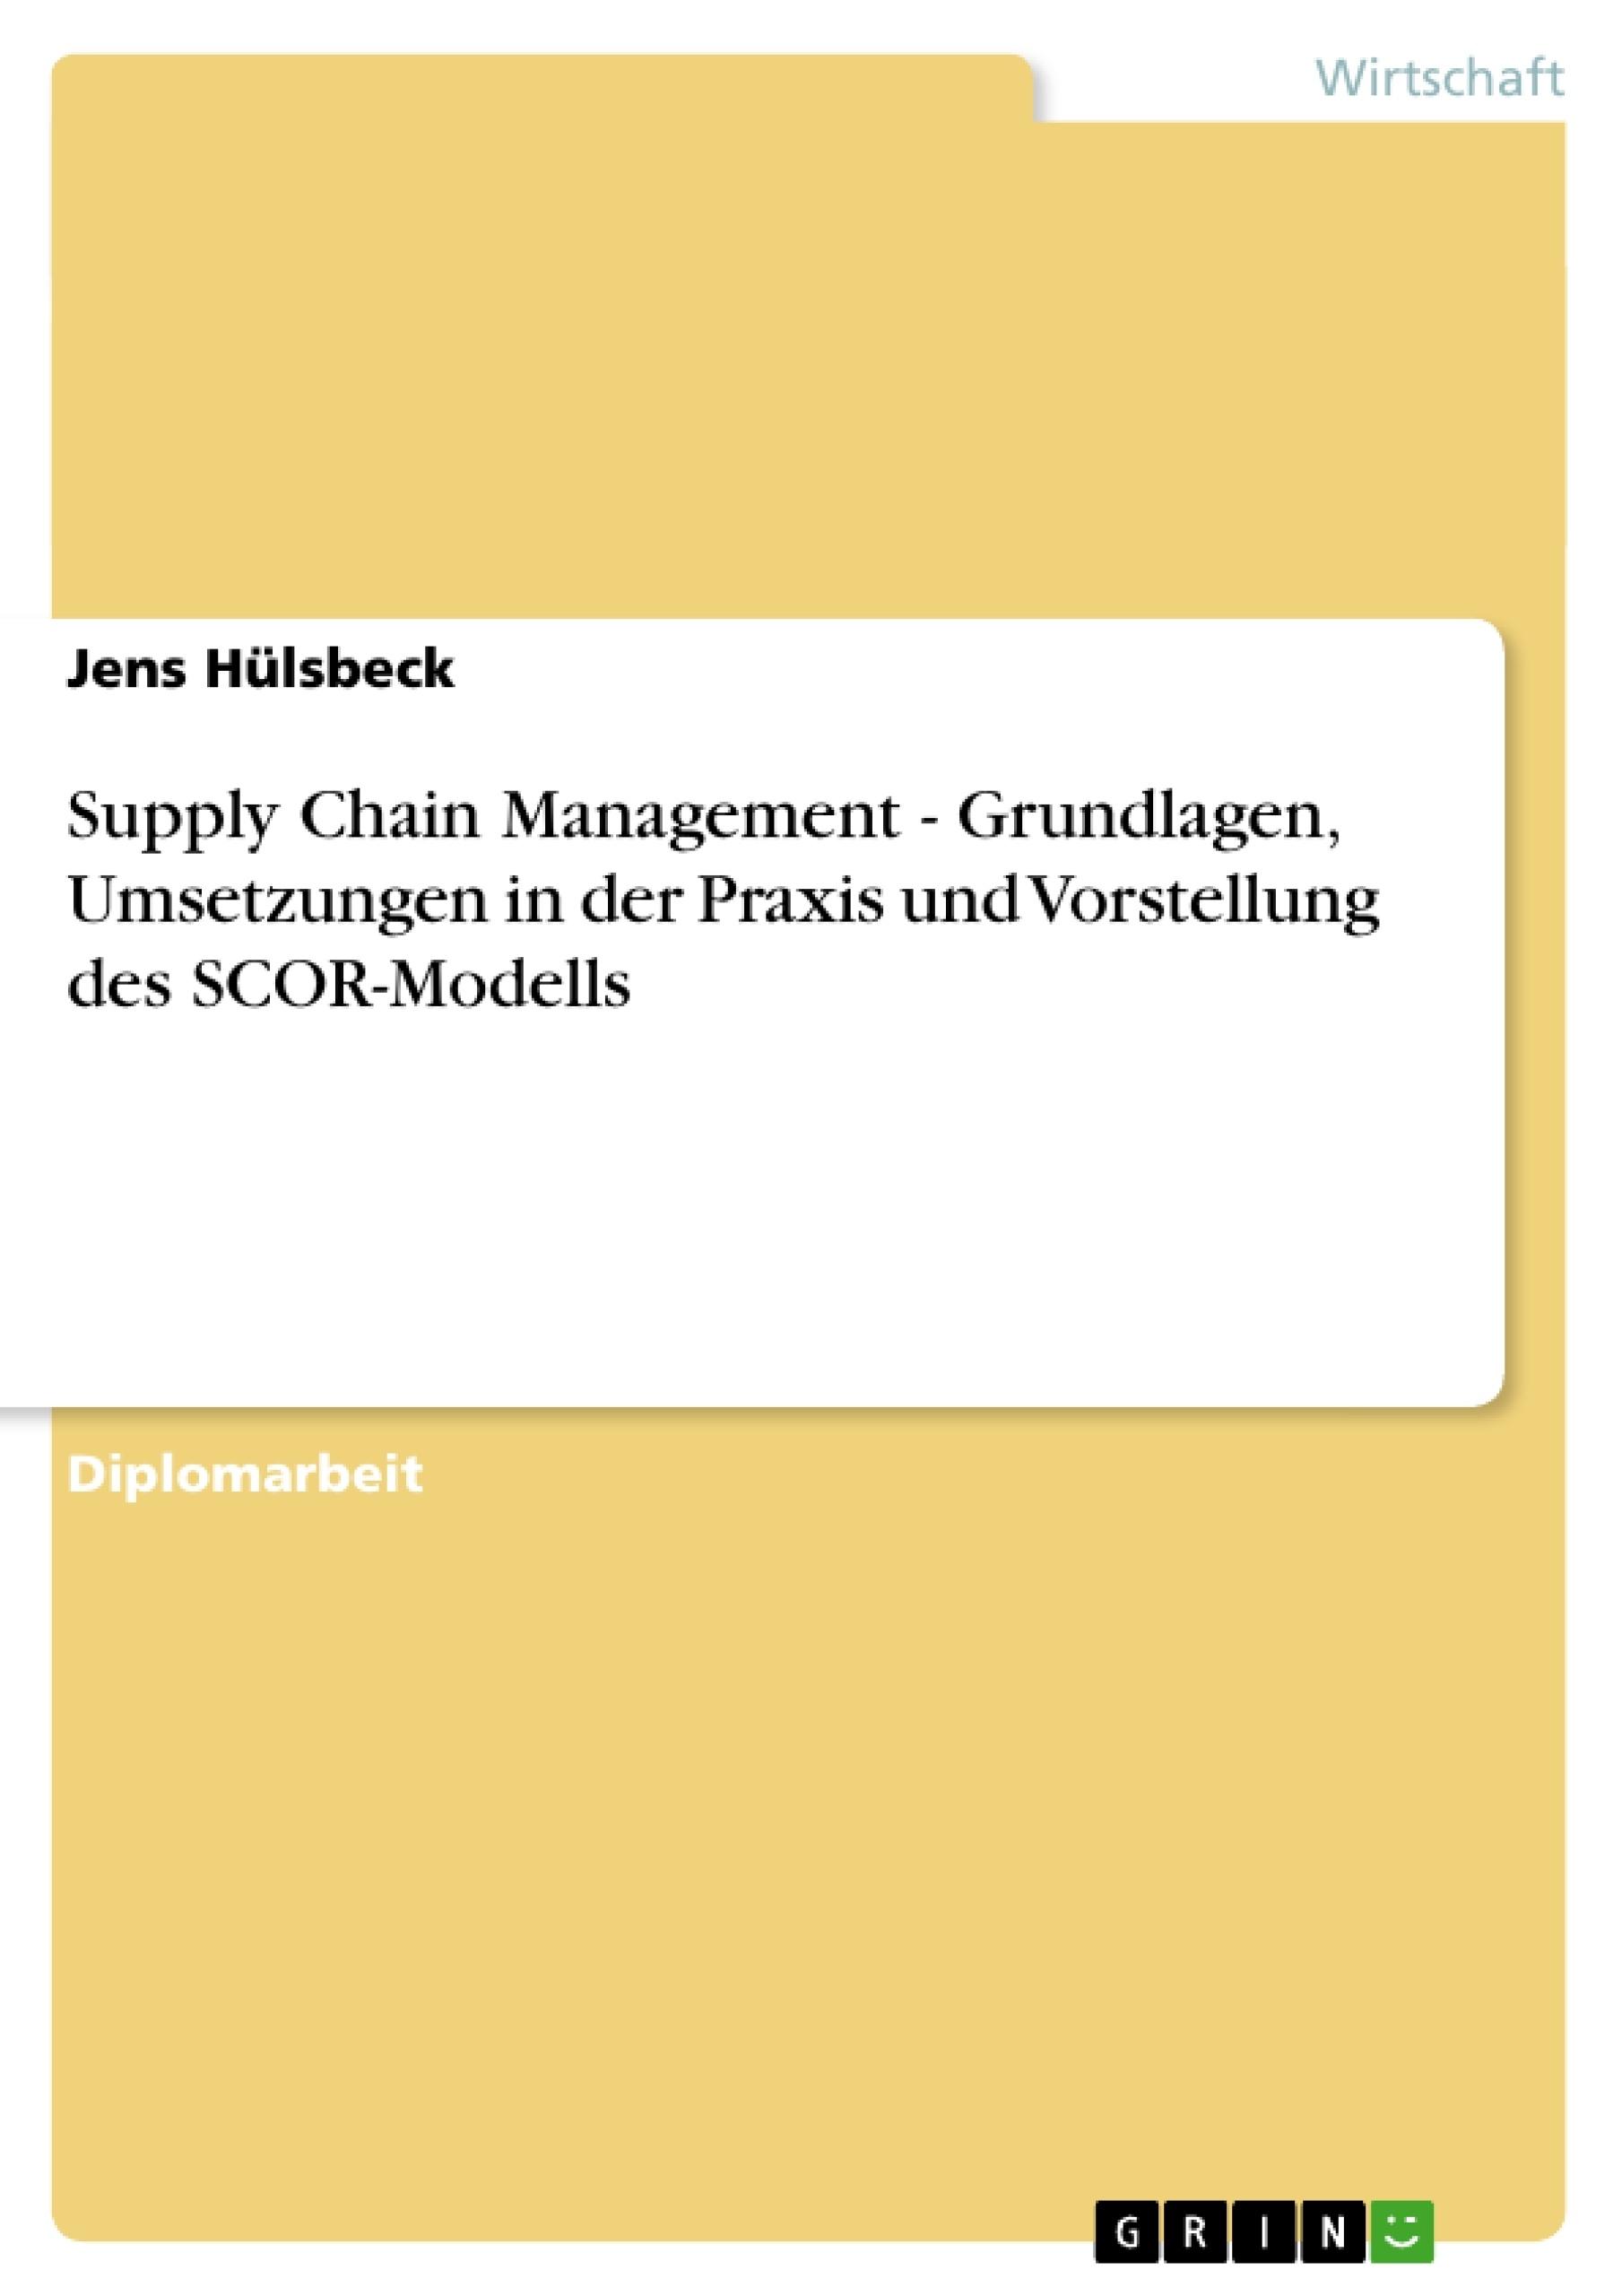 Titel: Supply Chain Management - Grundlagen, Umsetzungen in der Praxis und Vorstellung des SCOR-Modells